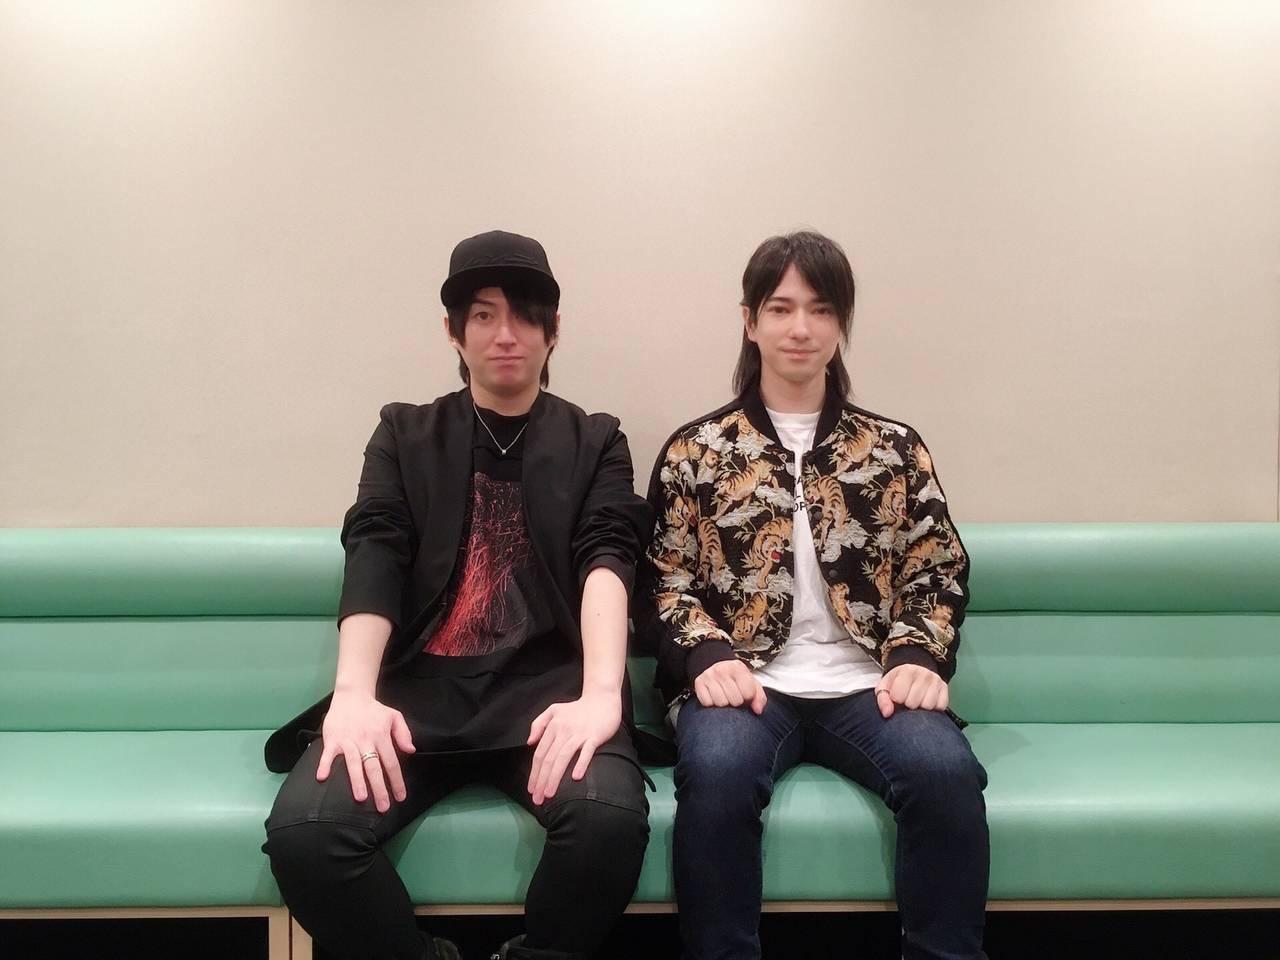 「8P(エイトピース)」ユニットソングドラマCD第3巻収録後の野上翔&ランズベリー・アーサーのインタビュー